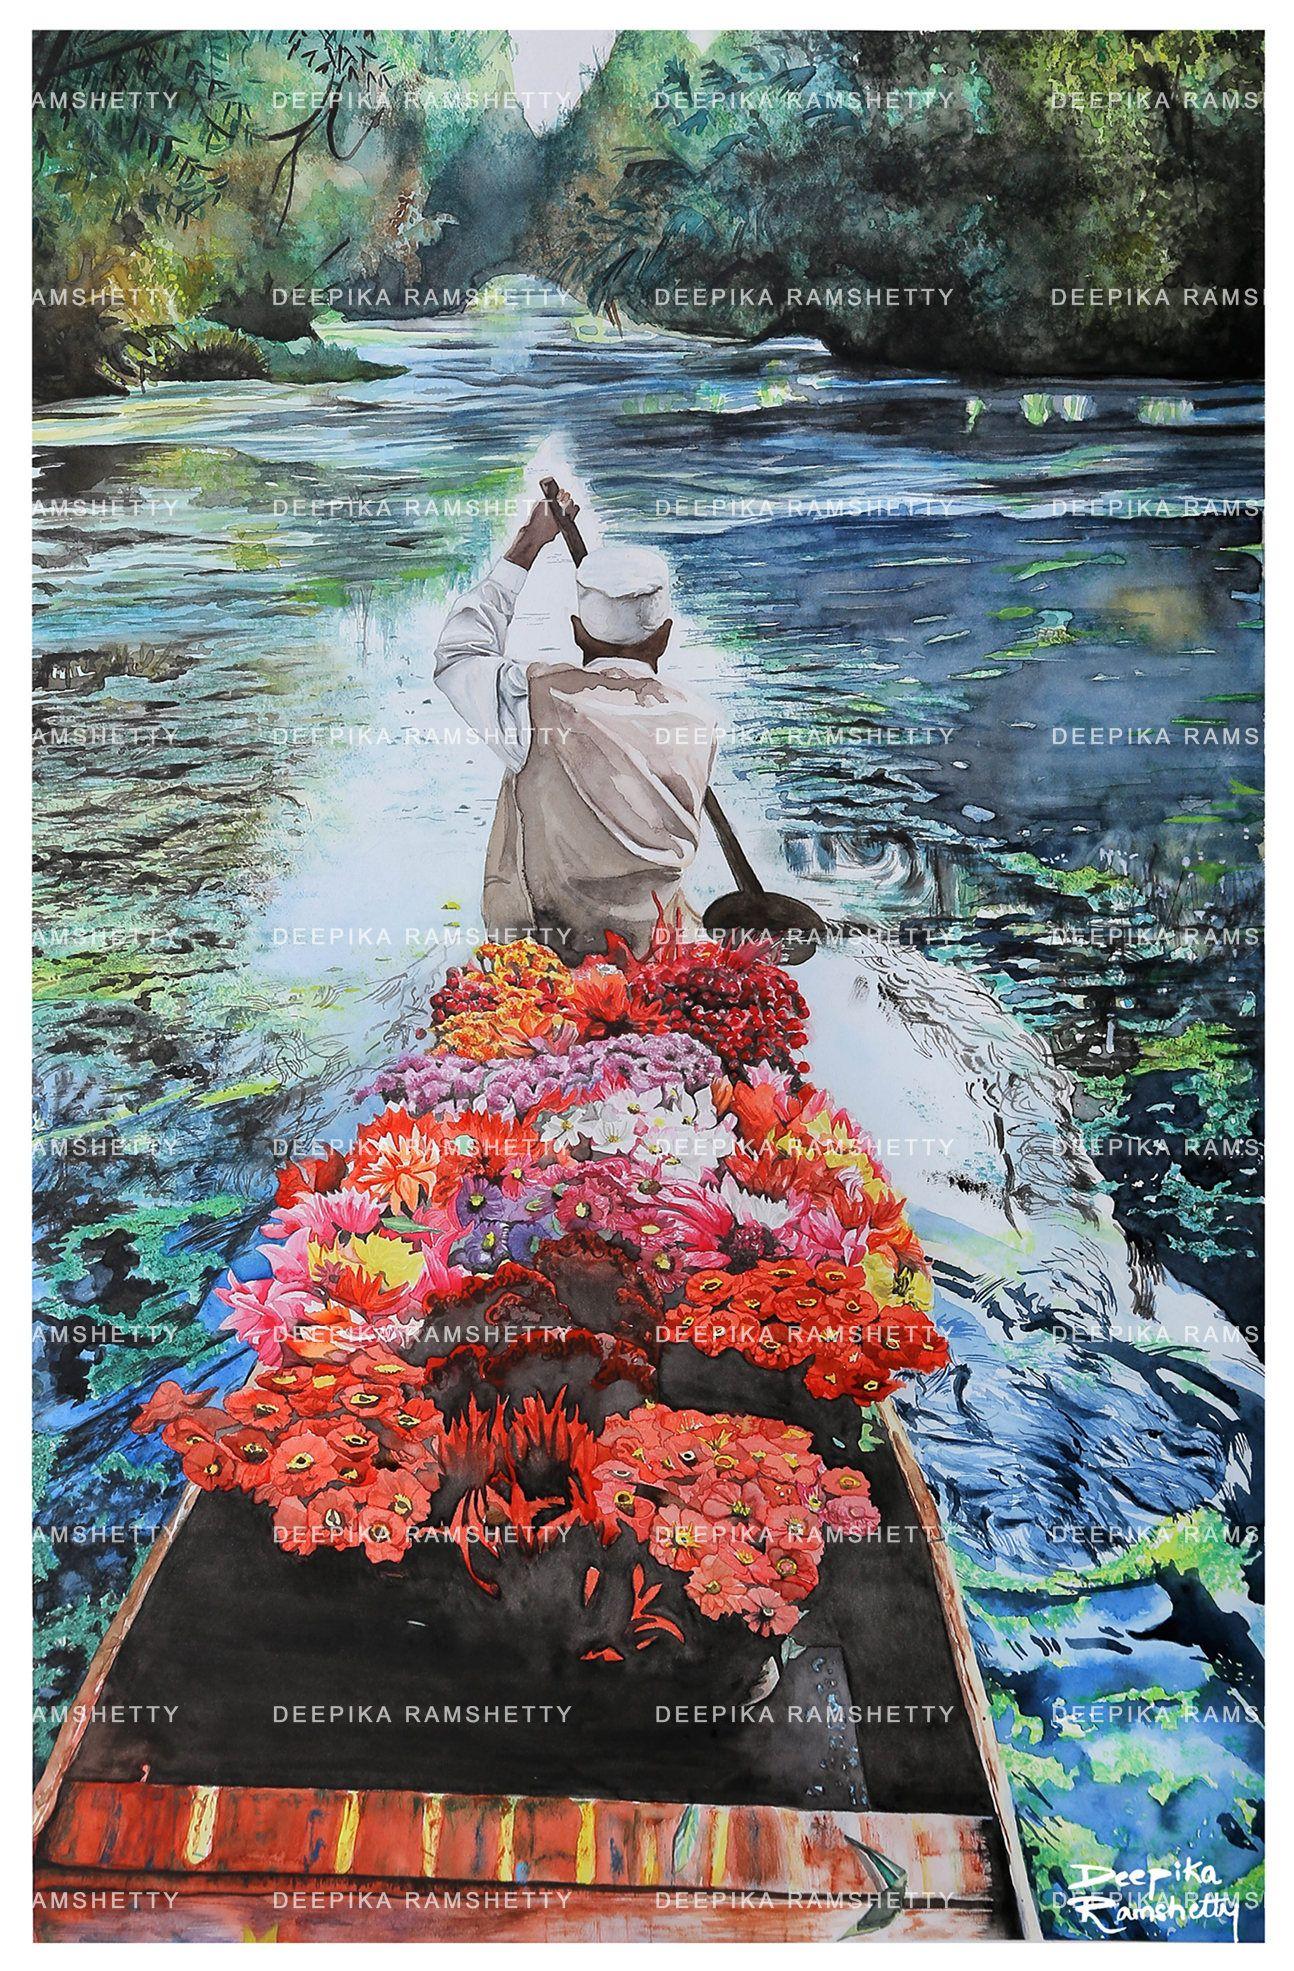 India Art Print Watercolor Landscape Print India Painting Print Of Original Watercolor Realism Painting Watercolor India Art Kashmir India Painting Landscape Prints Realism Painting